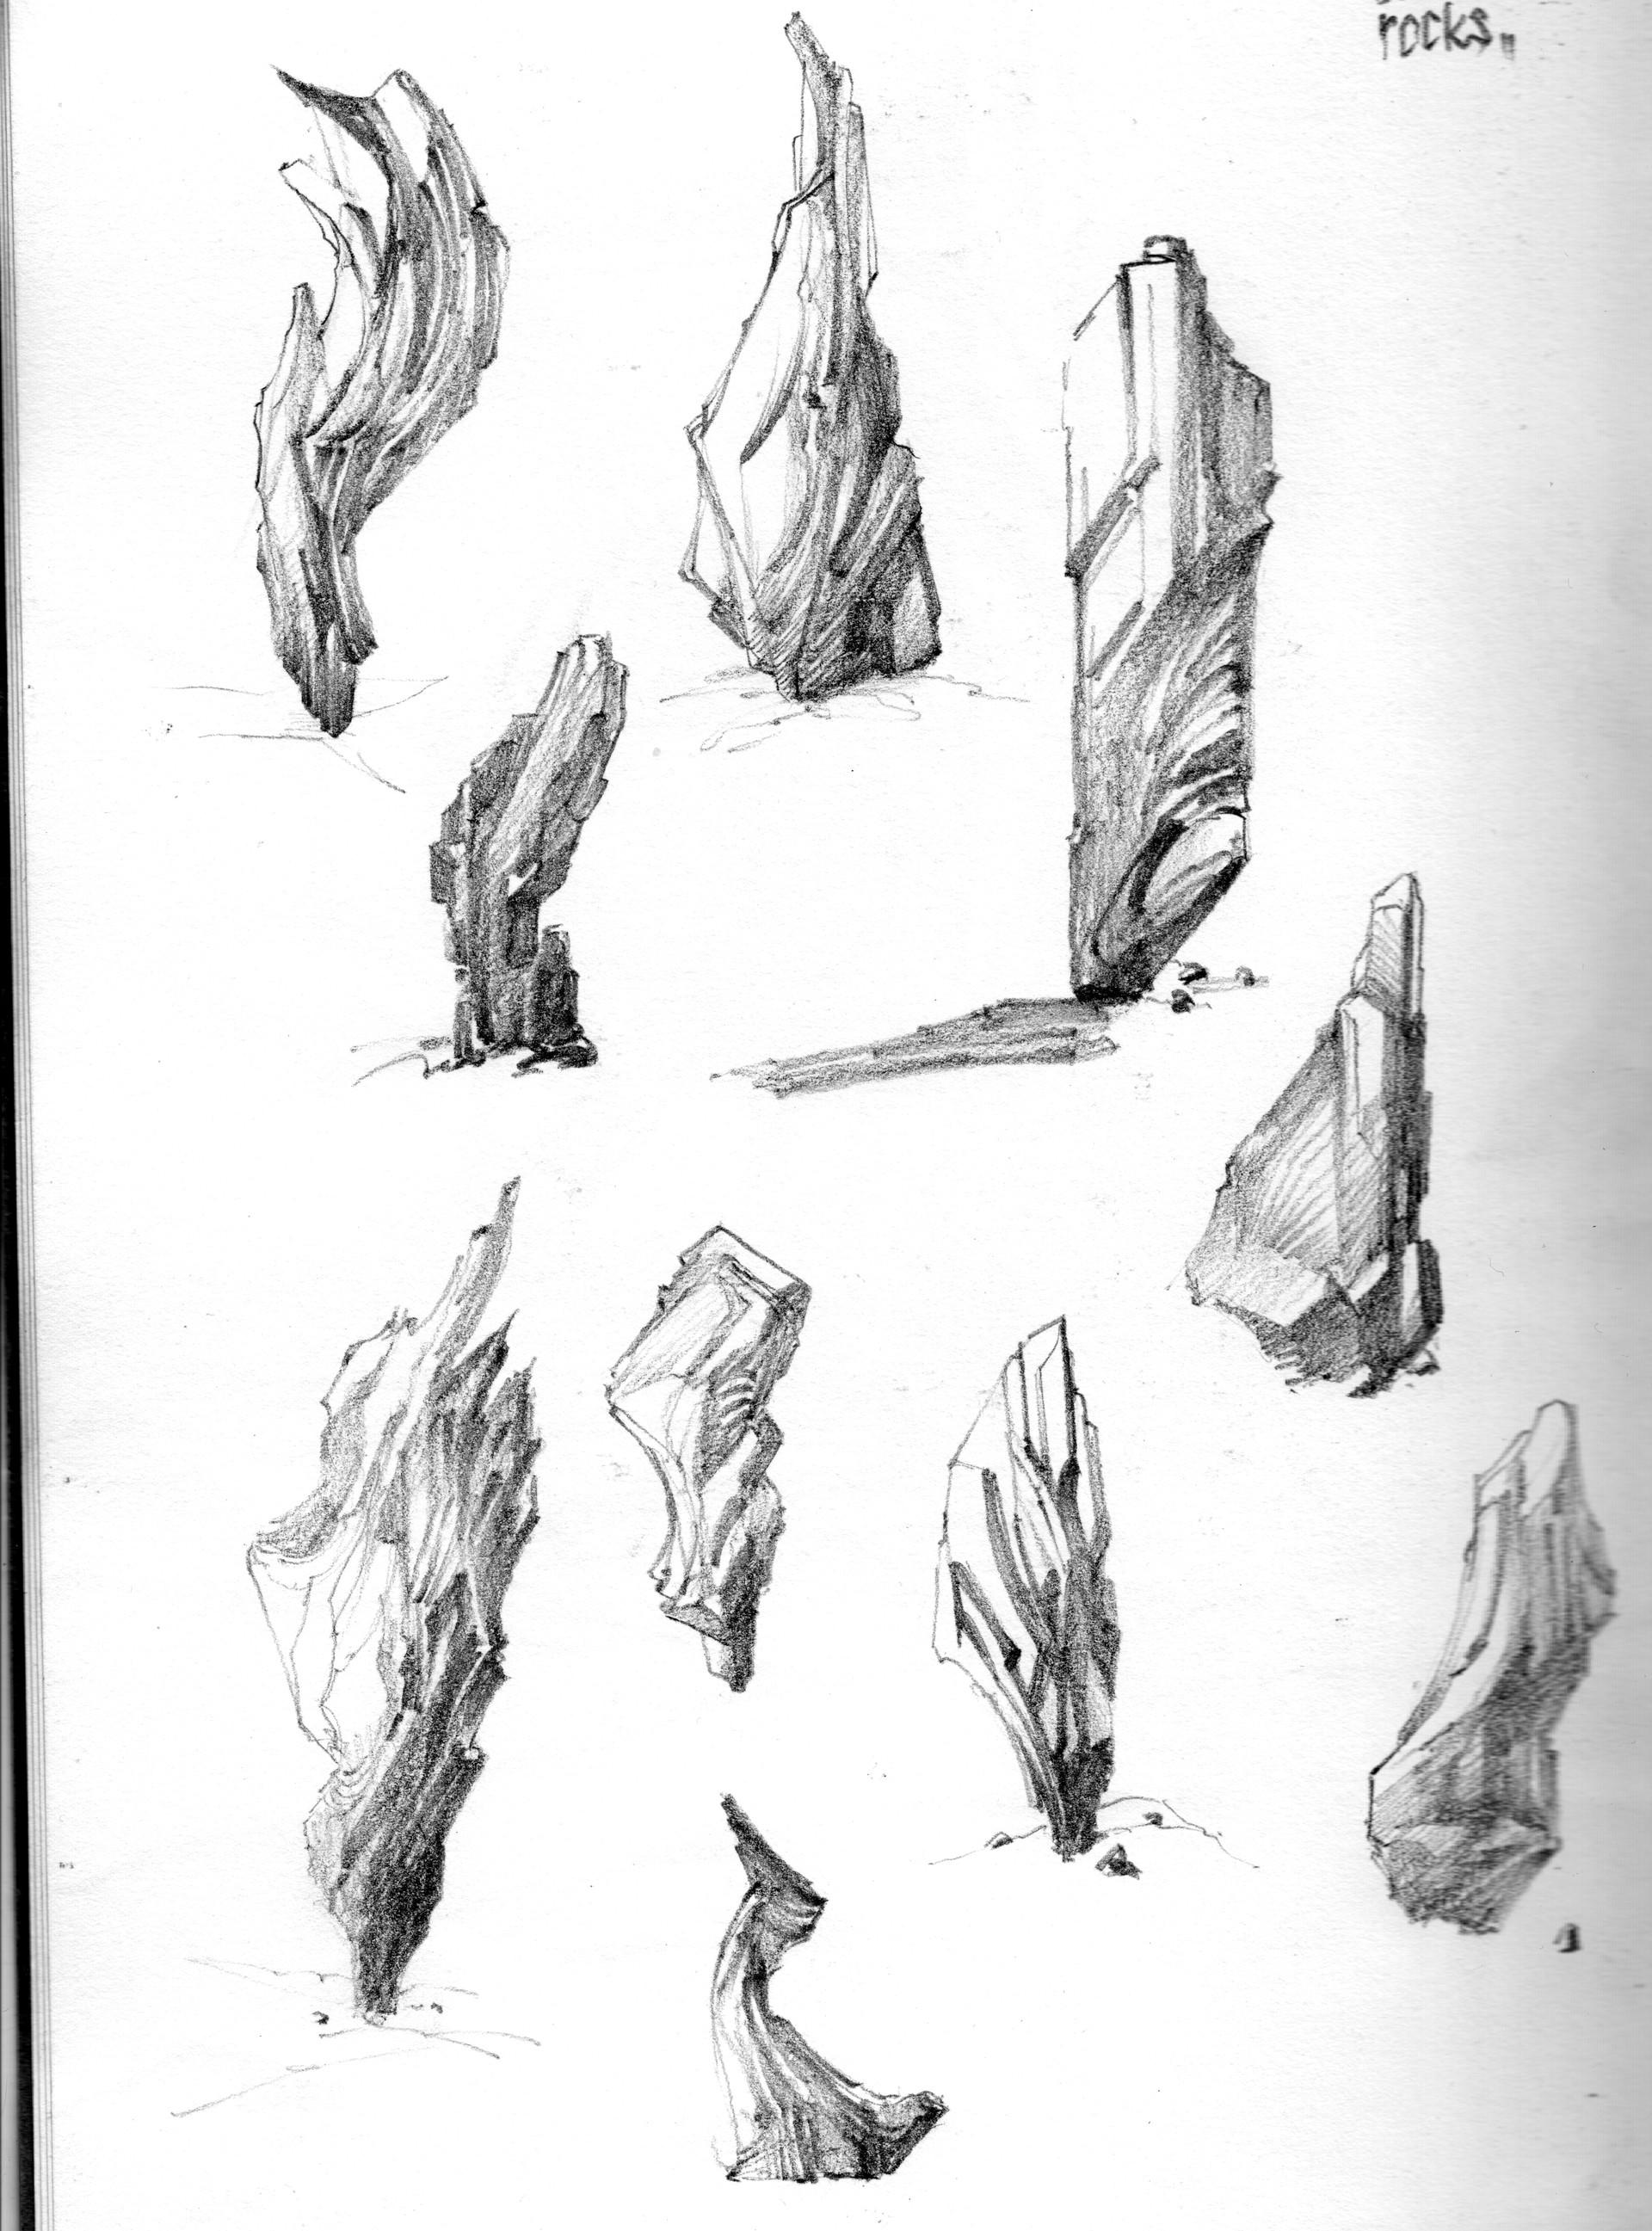 kitbash rocks